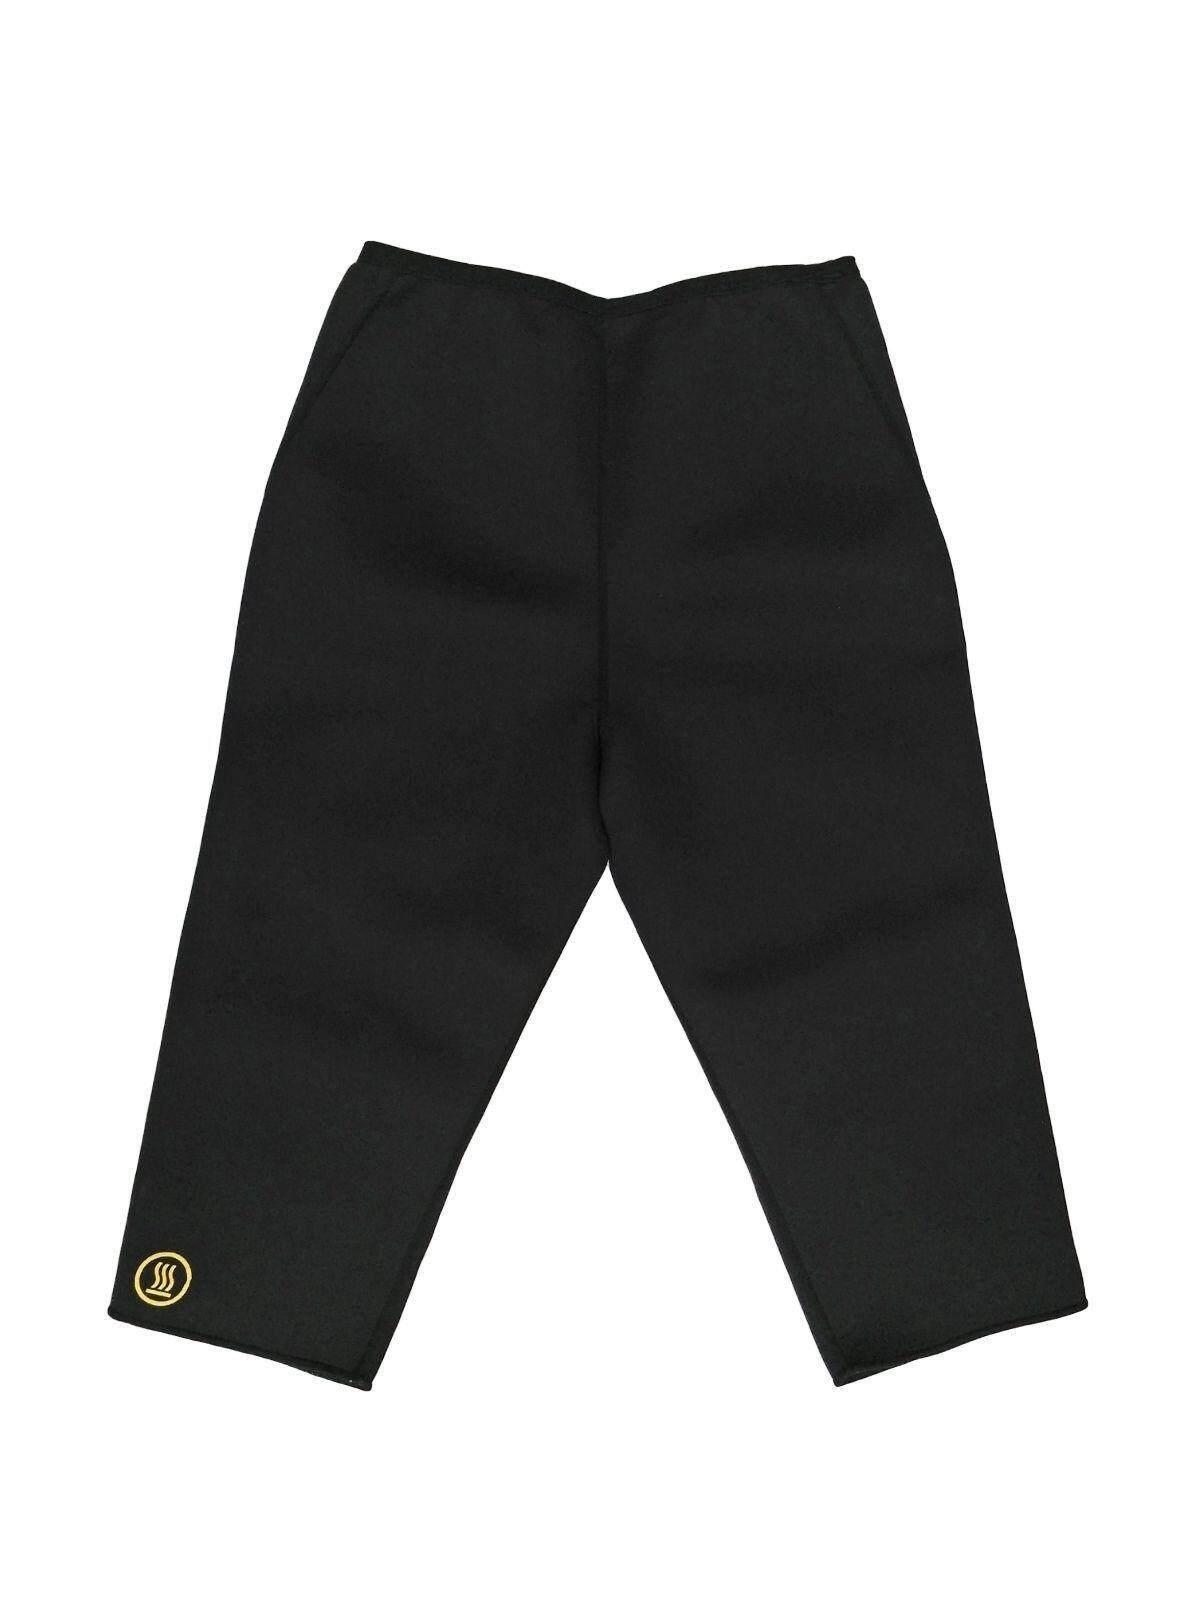 กางเกงออกกำลังกาย กางเกงเรียกเหงื่อ กางเกงกระชับสัดส่วน By Grand Sale.